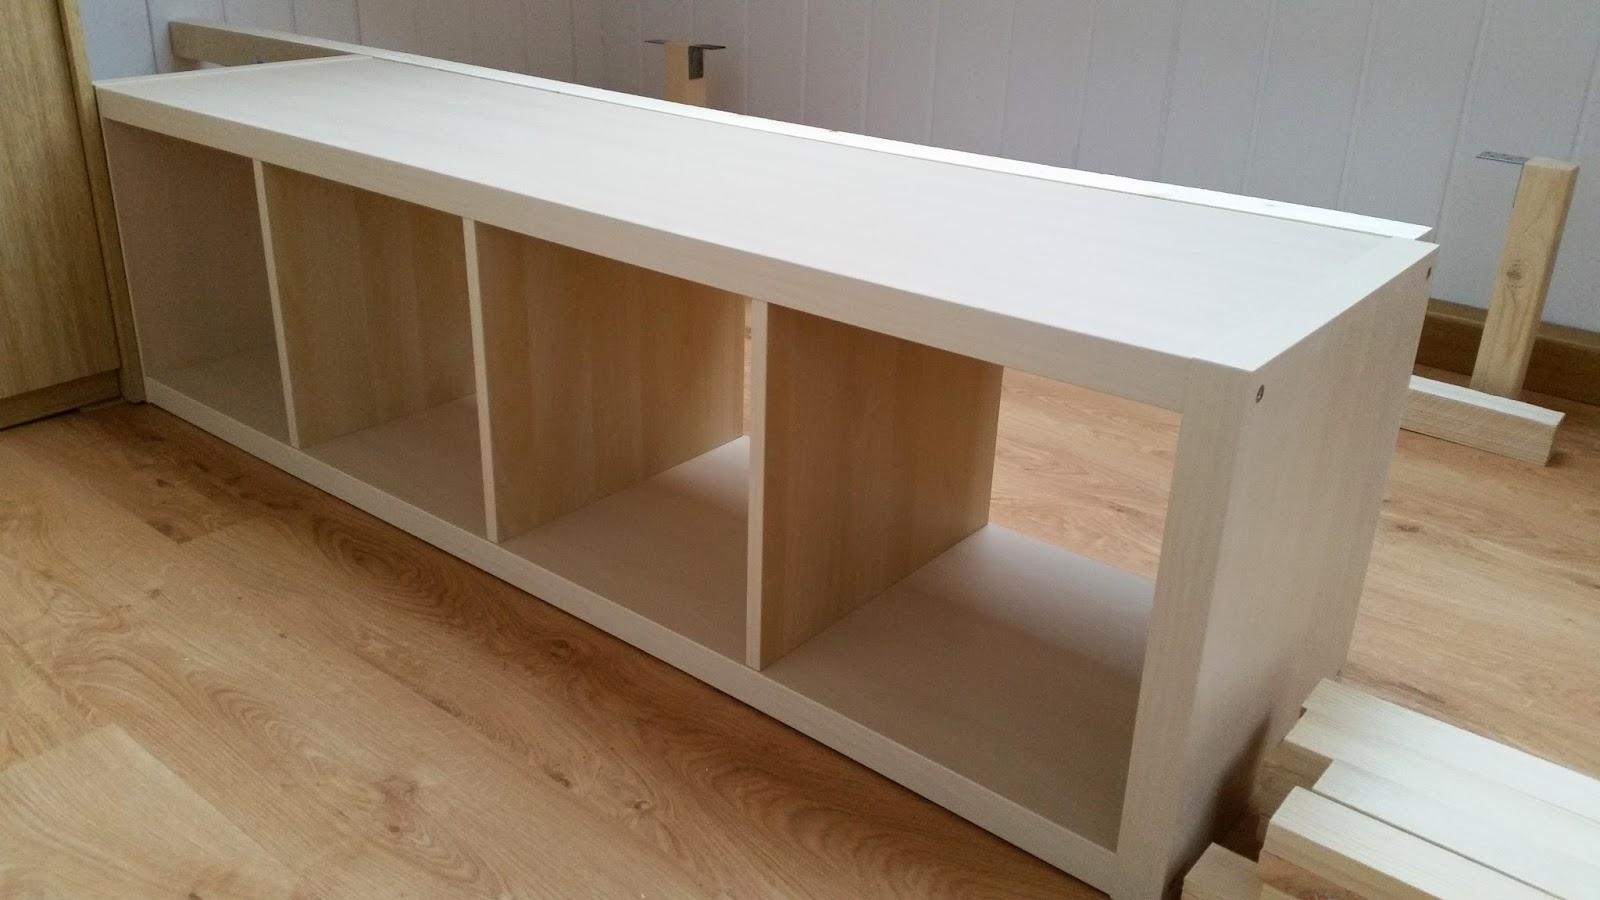 Ikea möbel weiß streichen: kultmobel alles in ordnung ivar sei ...